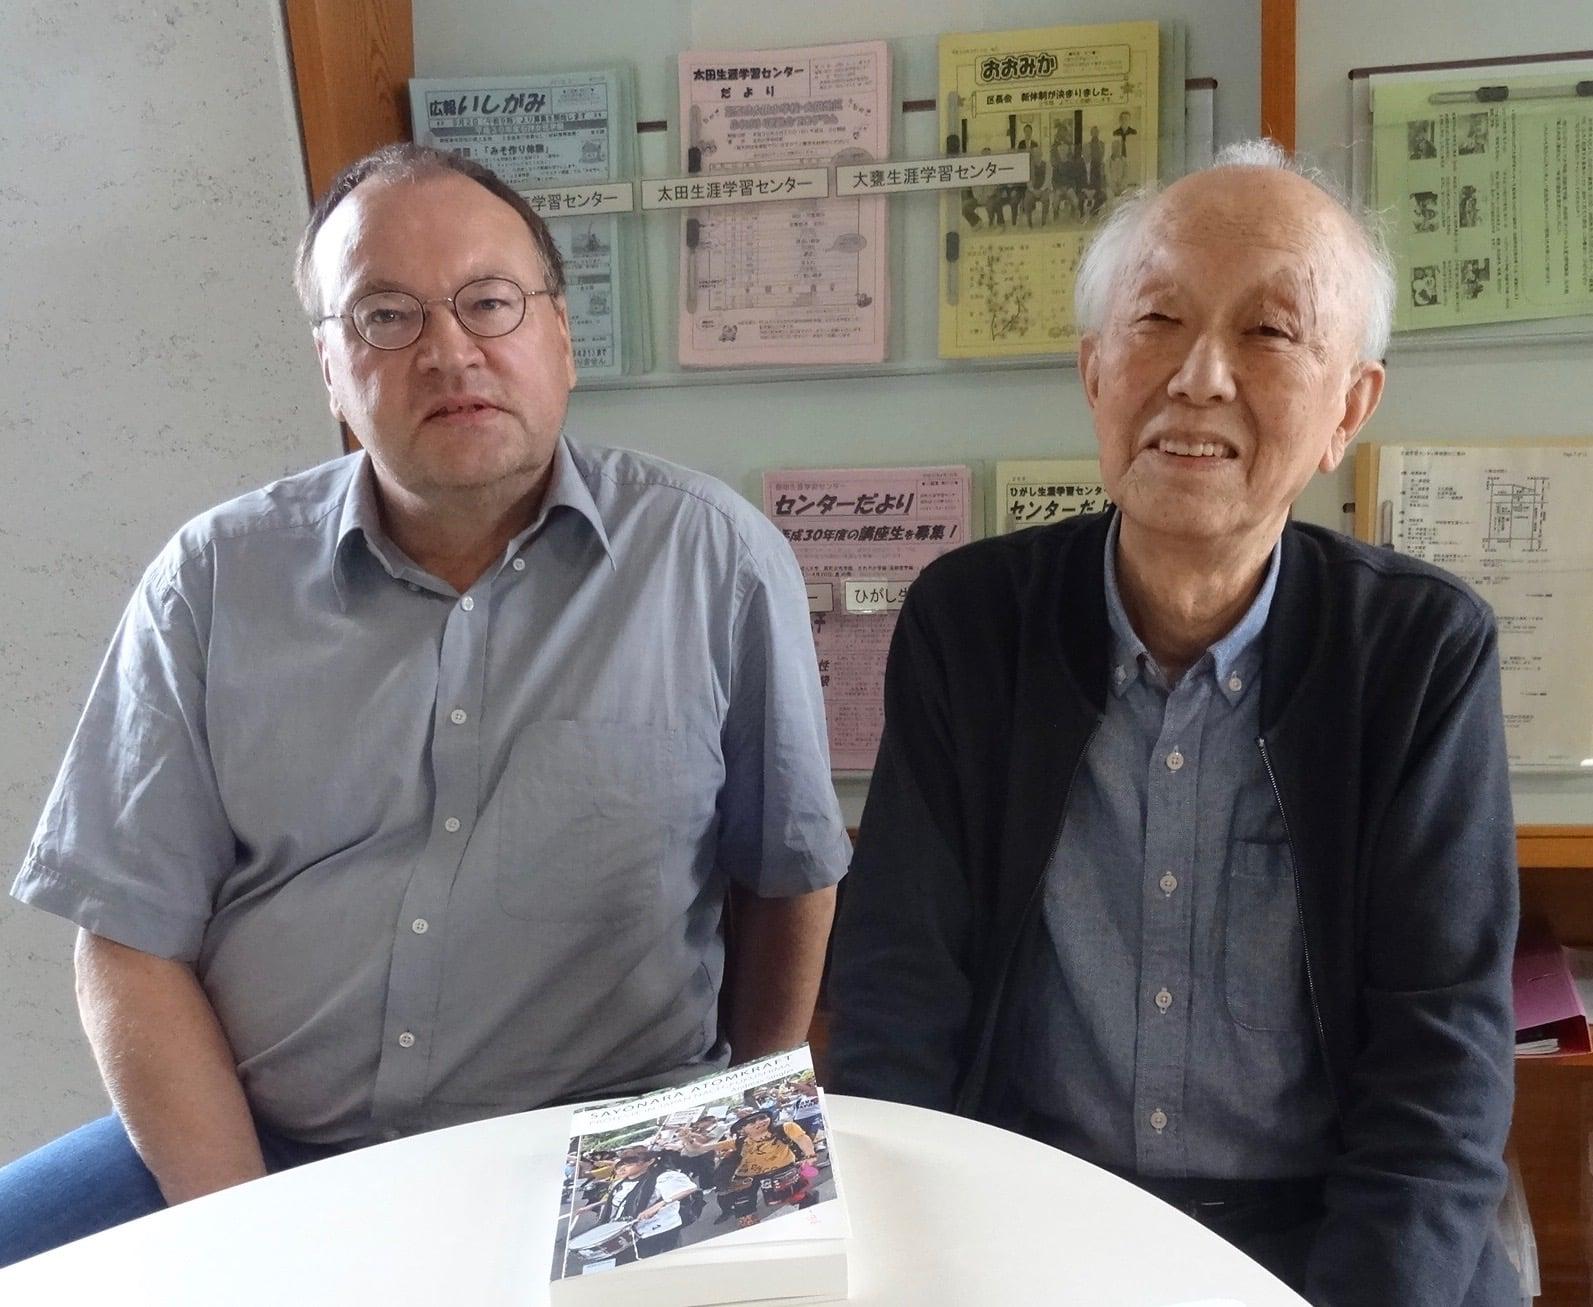 Die Ästhetik des Widerstandes: Zum Tod des Dichters und Atomkraftgegners Wakamatsu Jôtarô